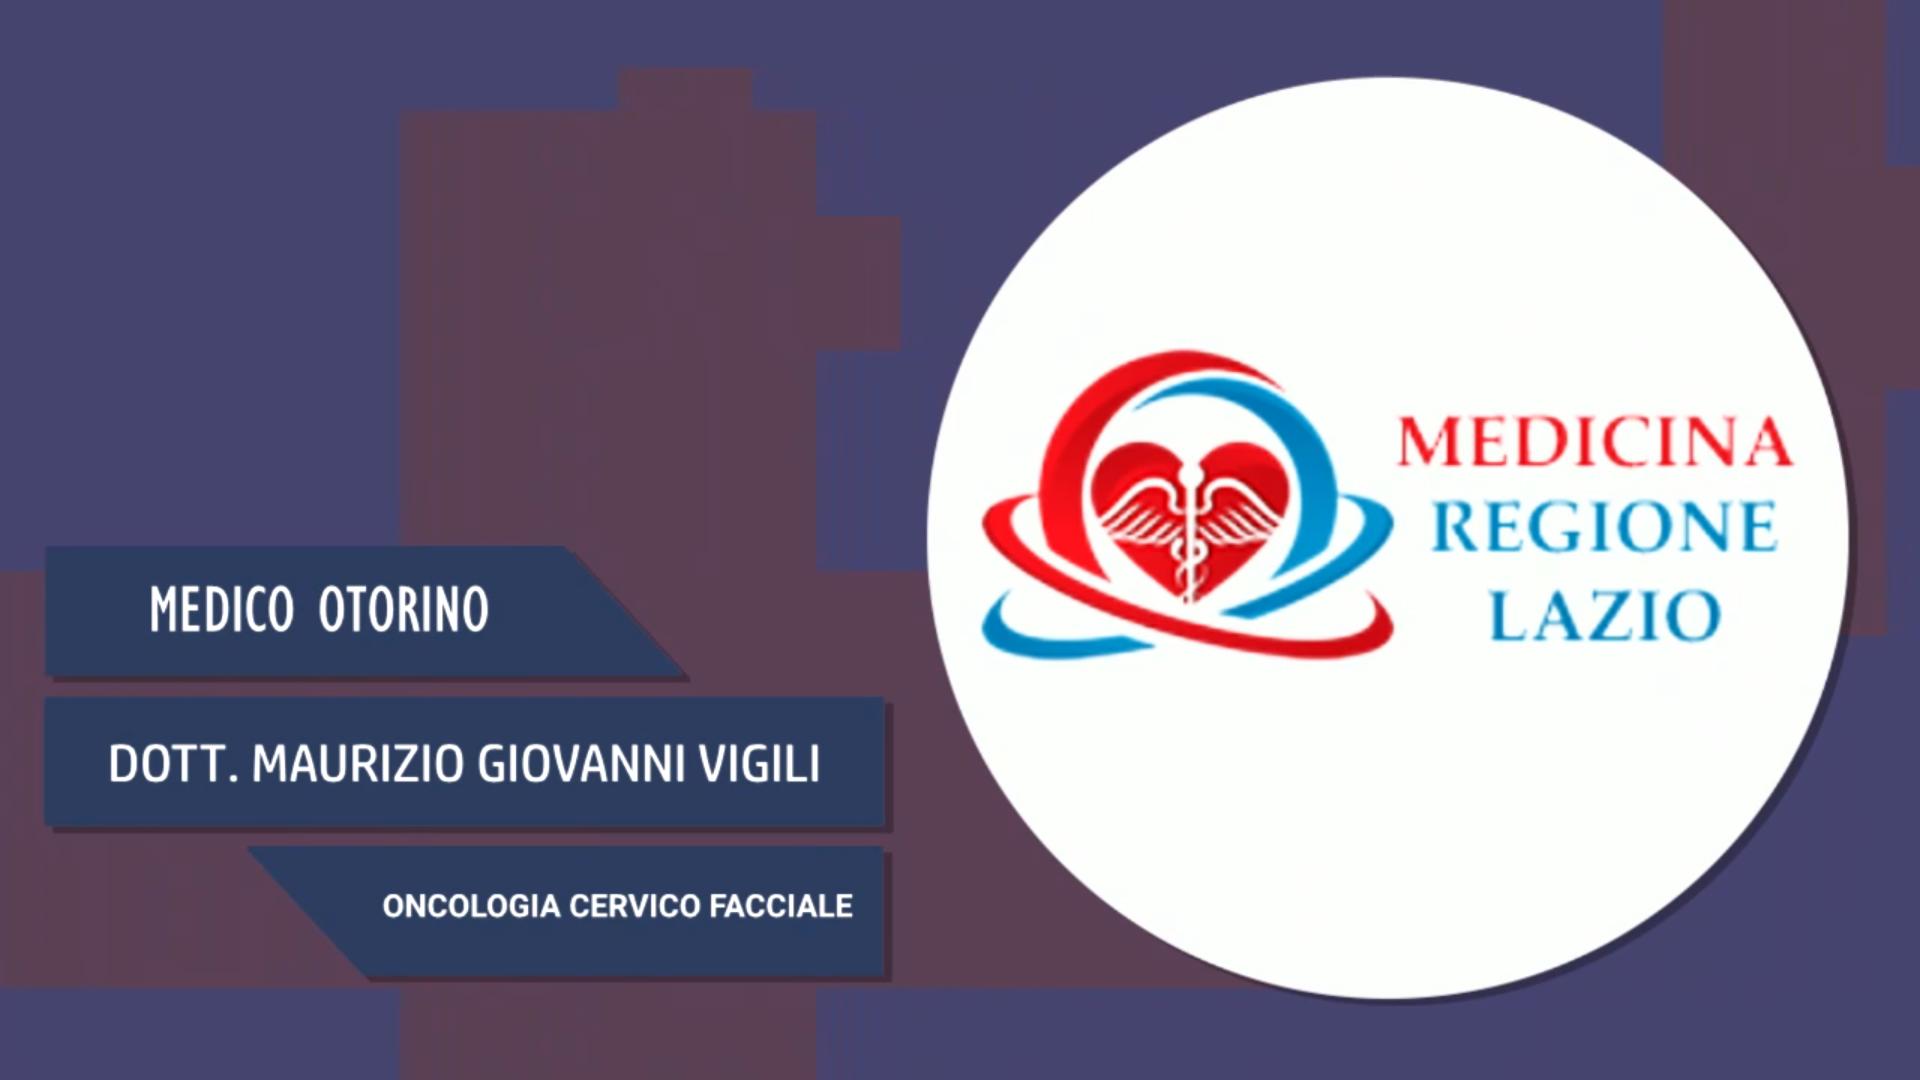 Intervista al Dott. Maurizio Giovanni Vigili – Oncologia cervico facciale